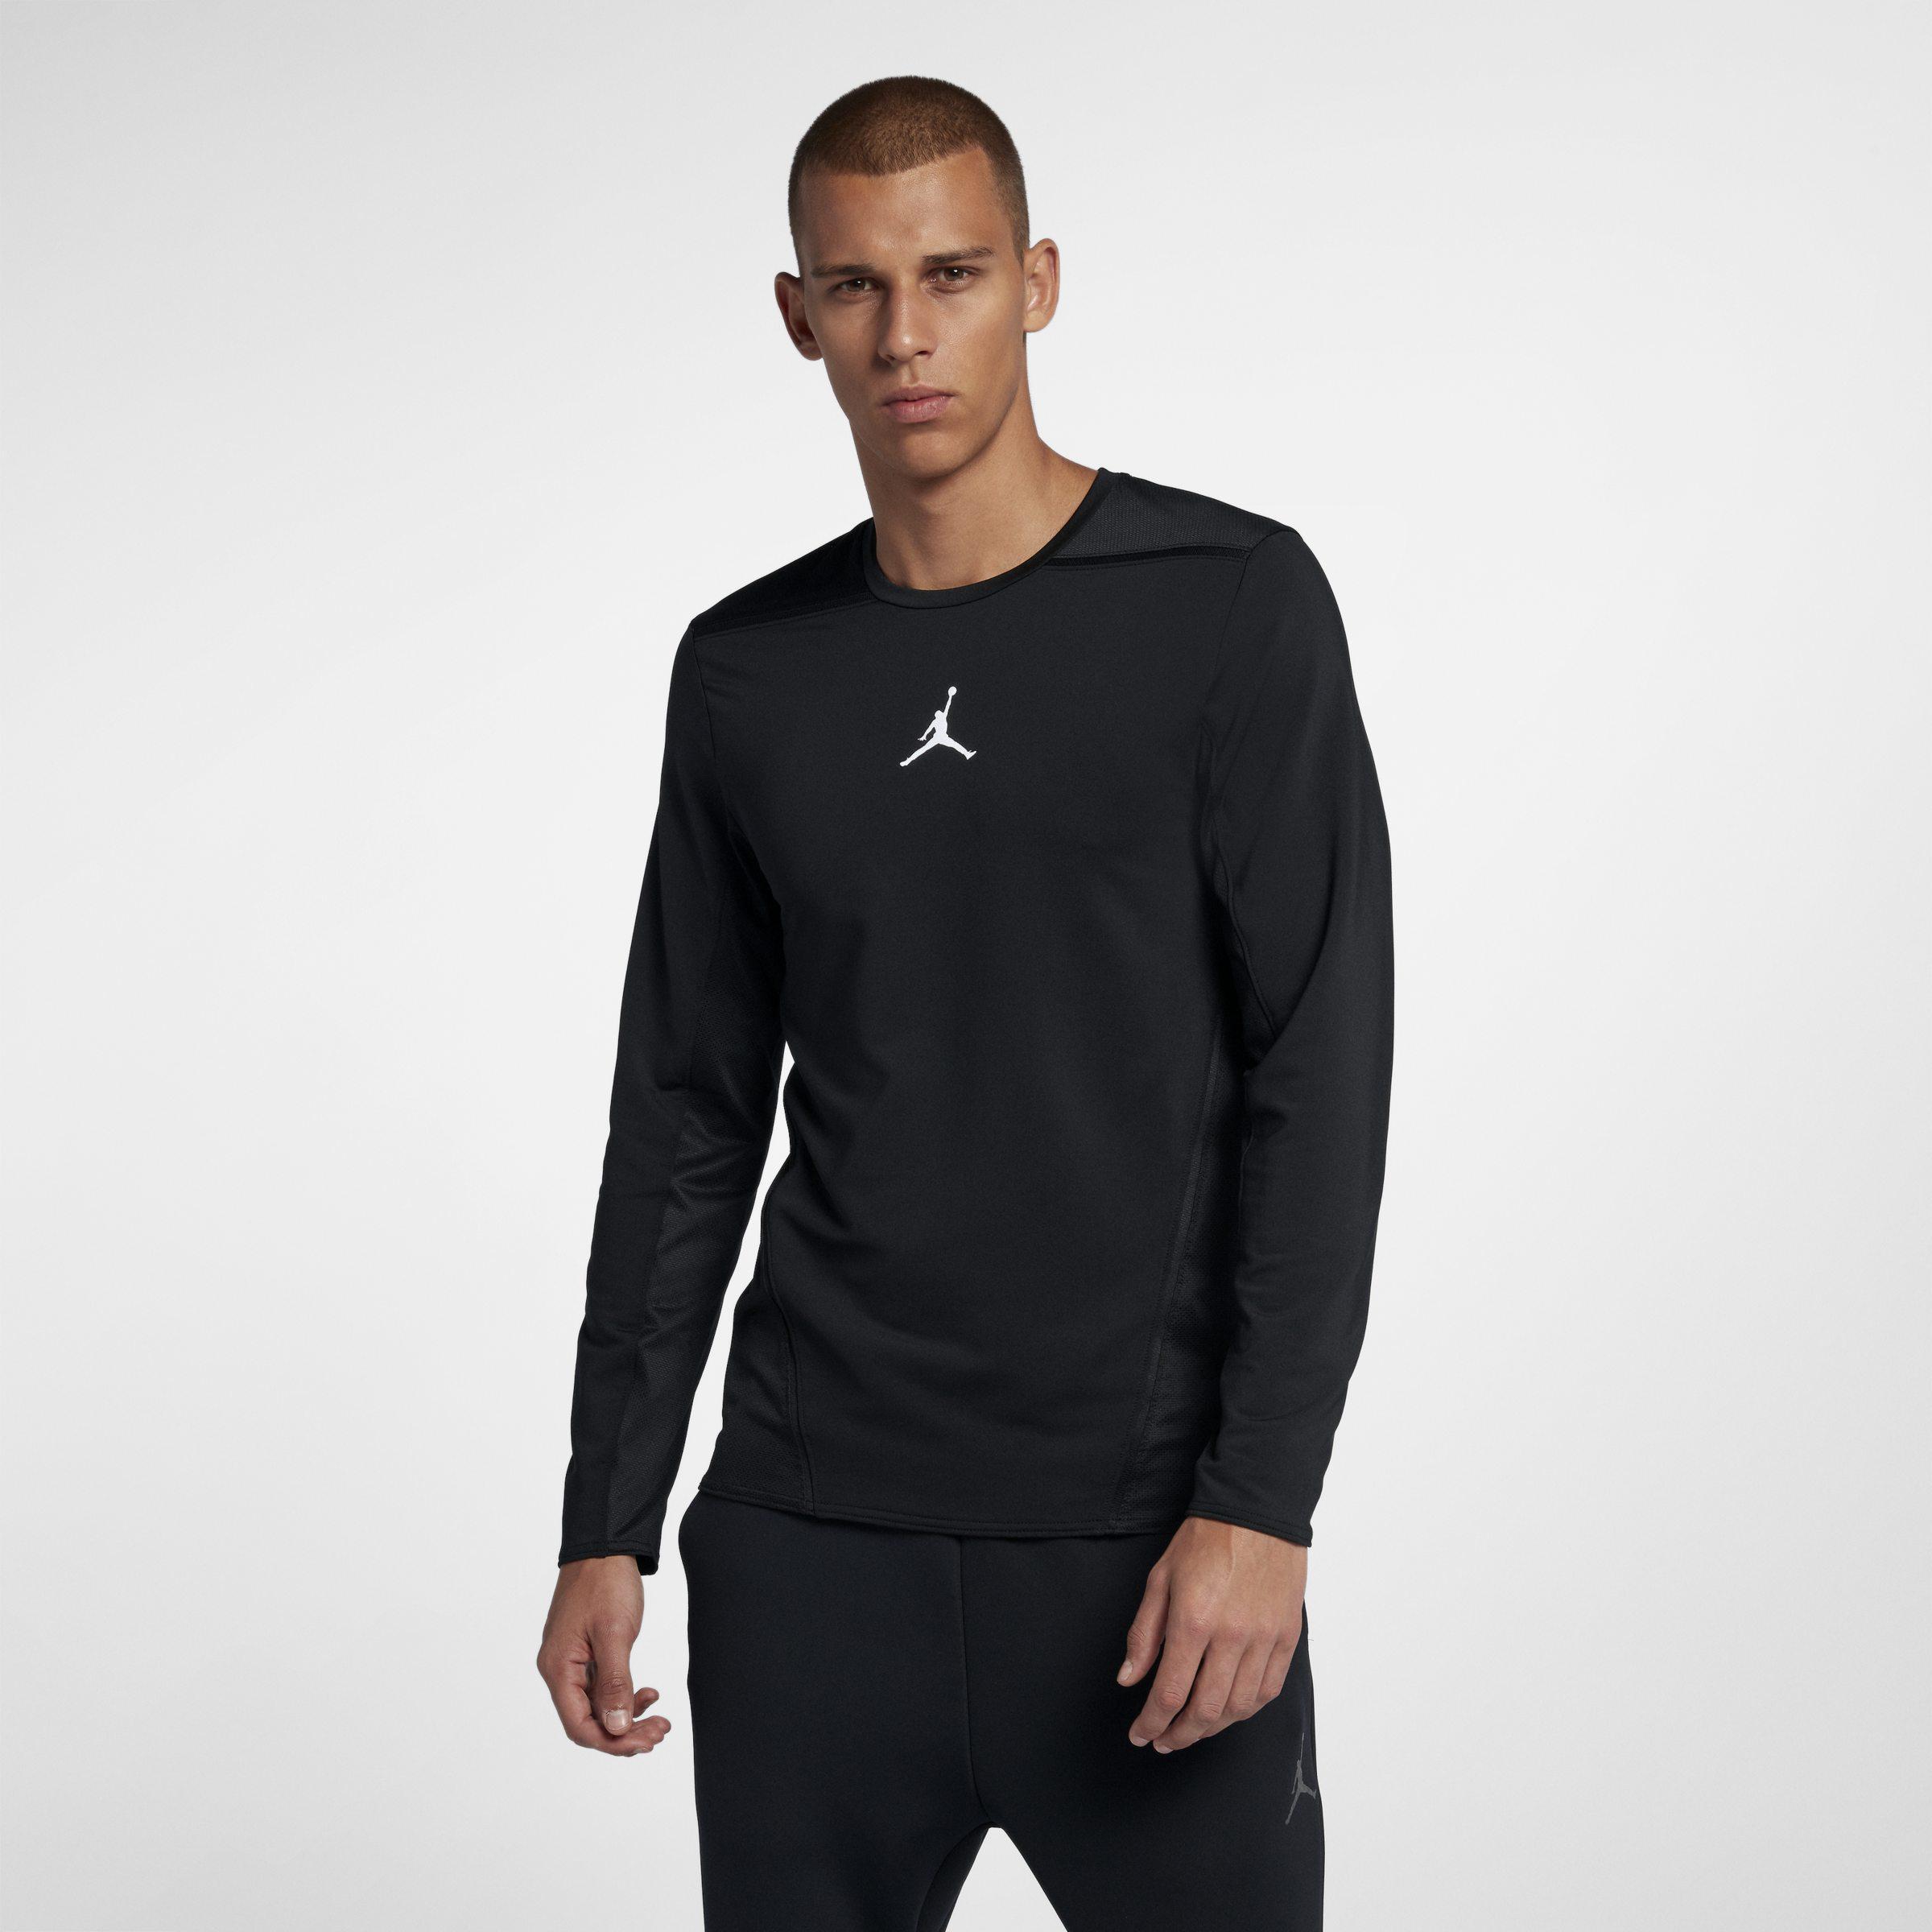 34757f2c5711 Nike Jordan Ultimate Flight Basketball Shooting Top in Black for Men ...